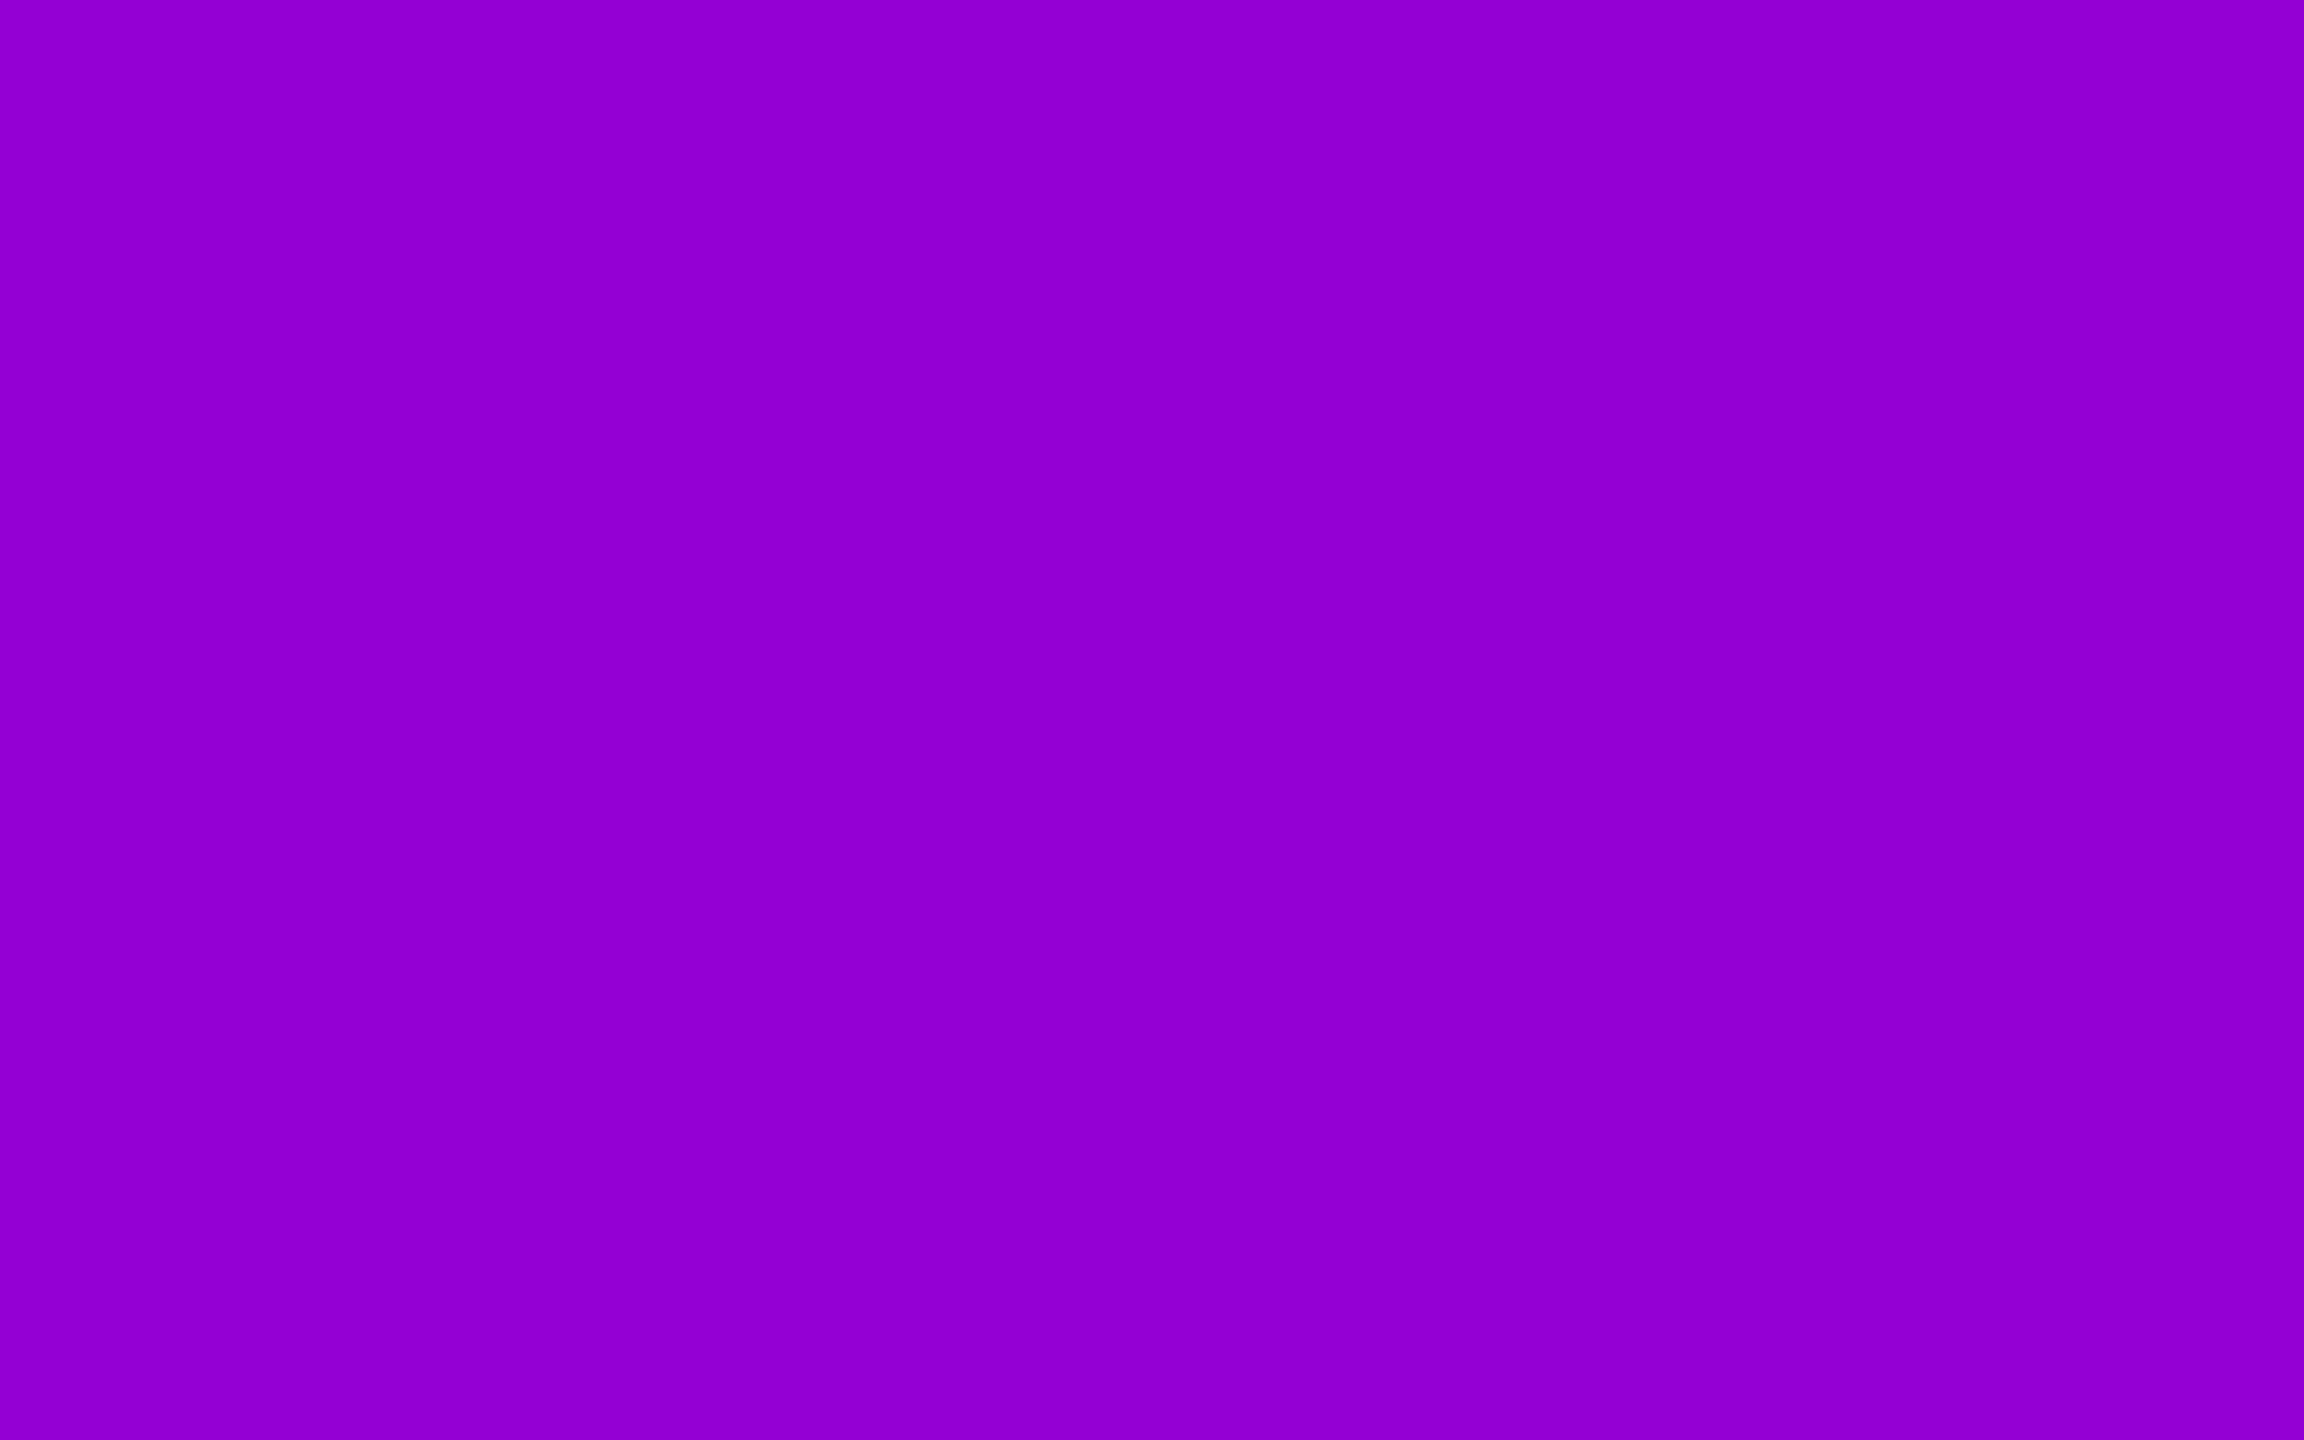 2304x1440 Dark Violet Solid Color Background